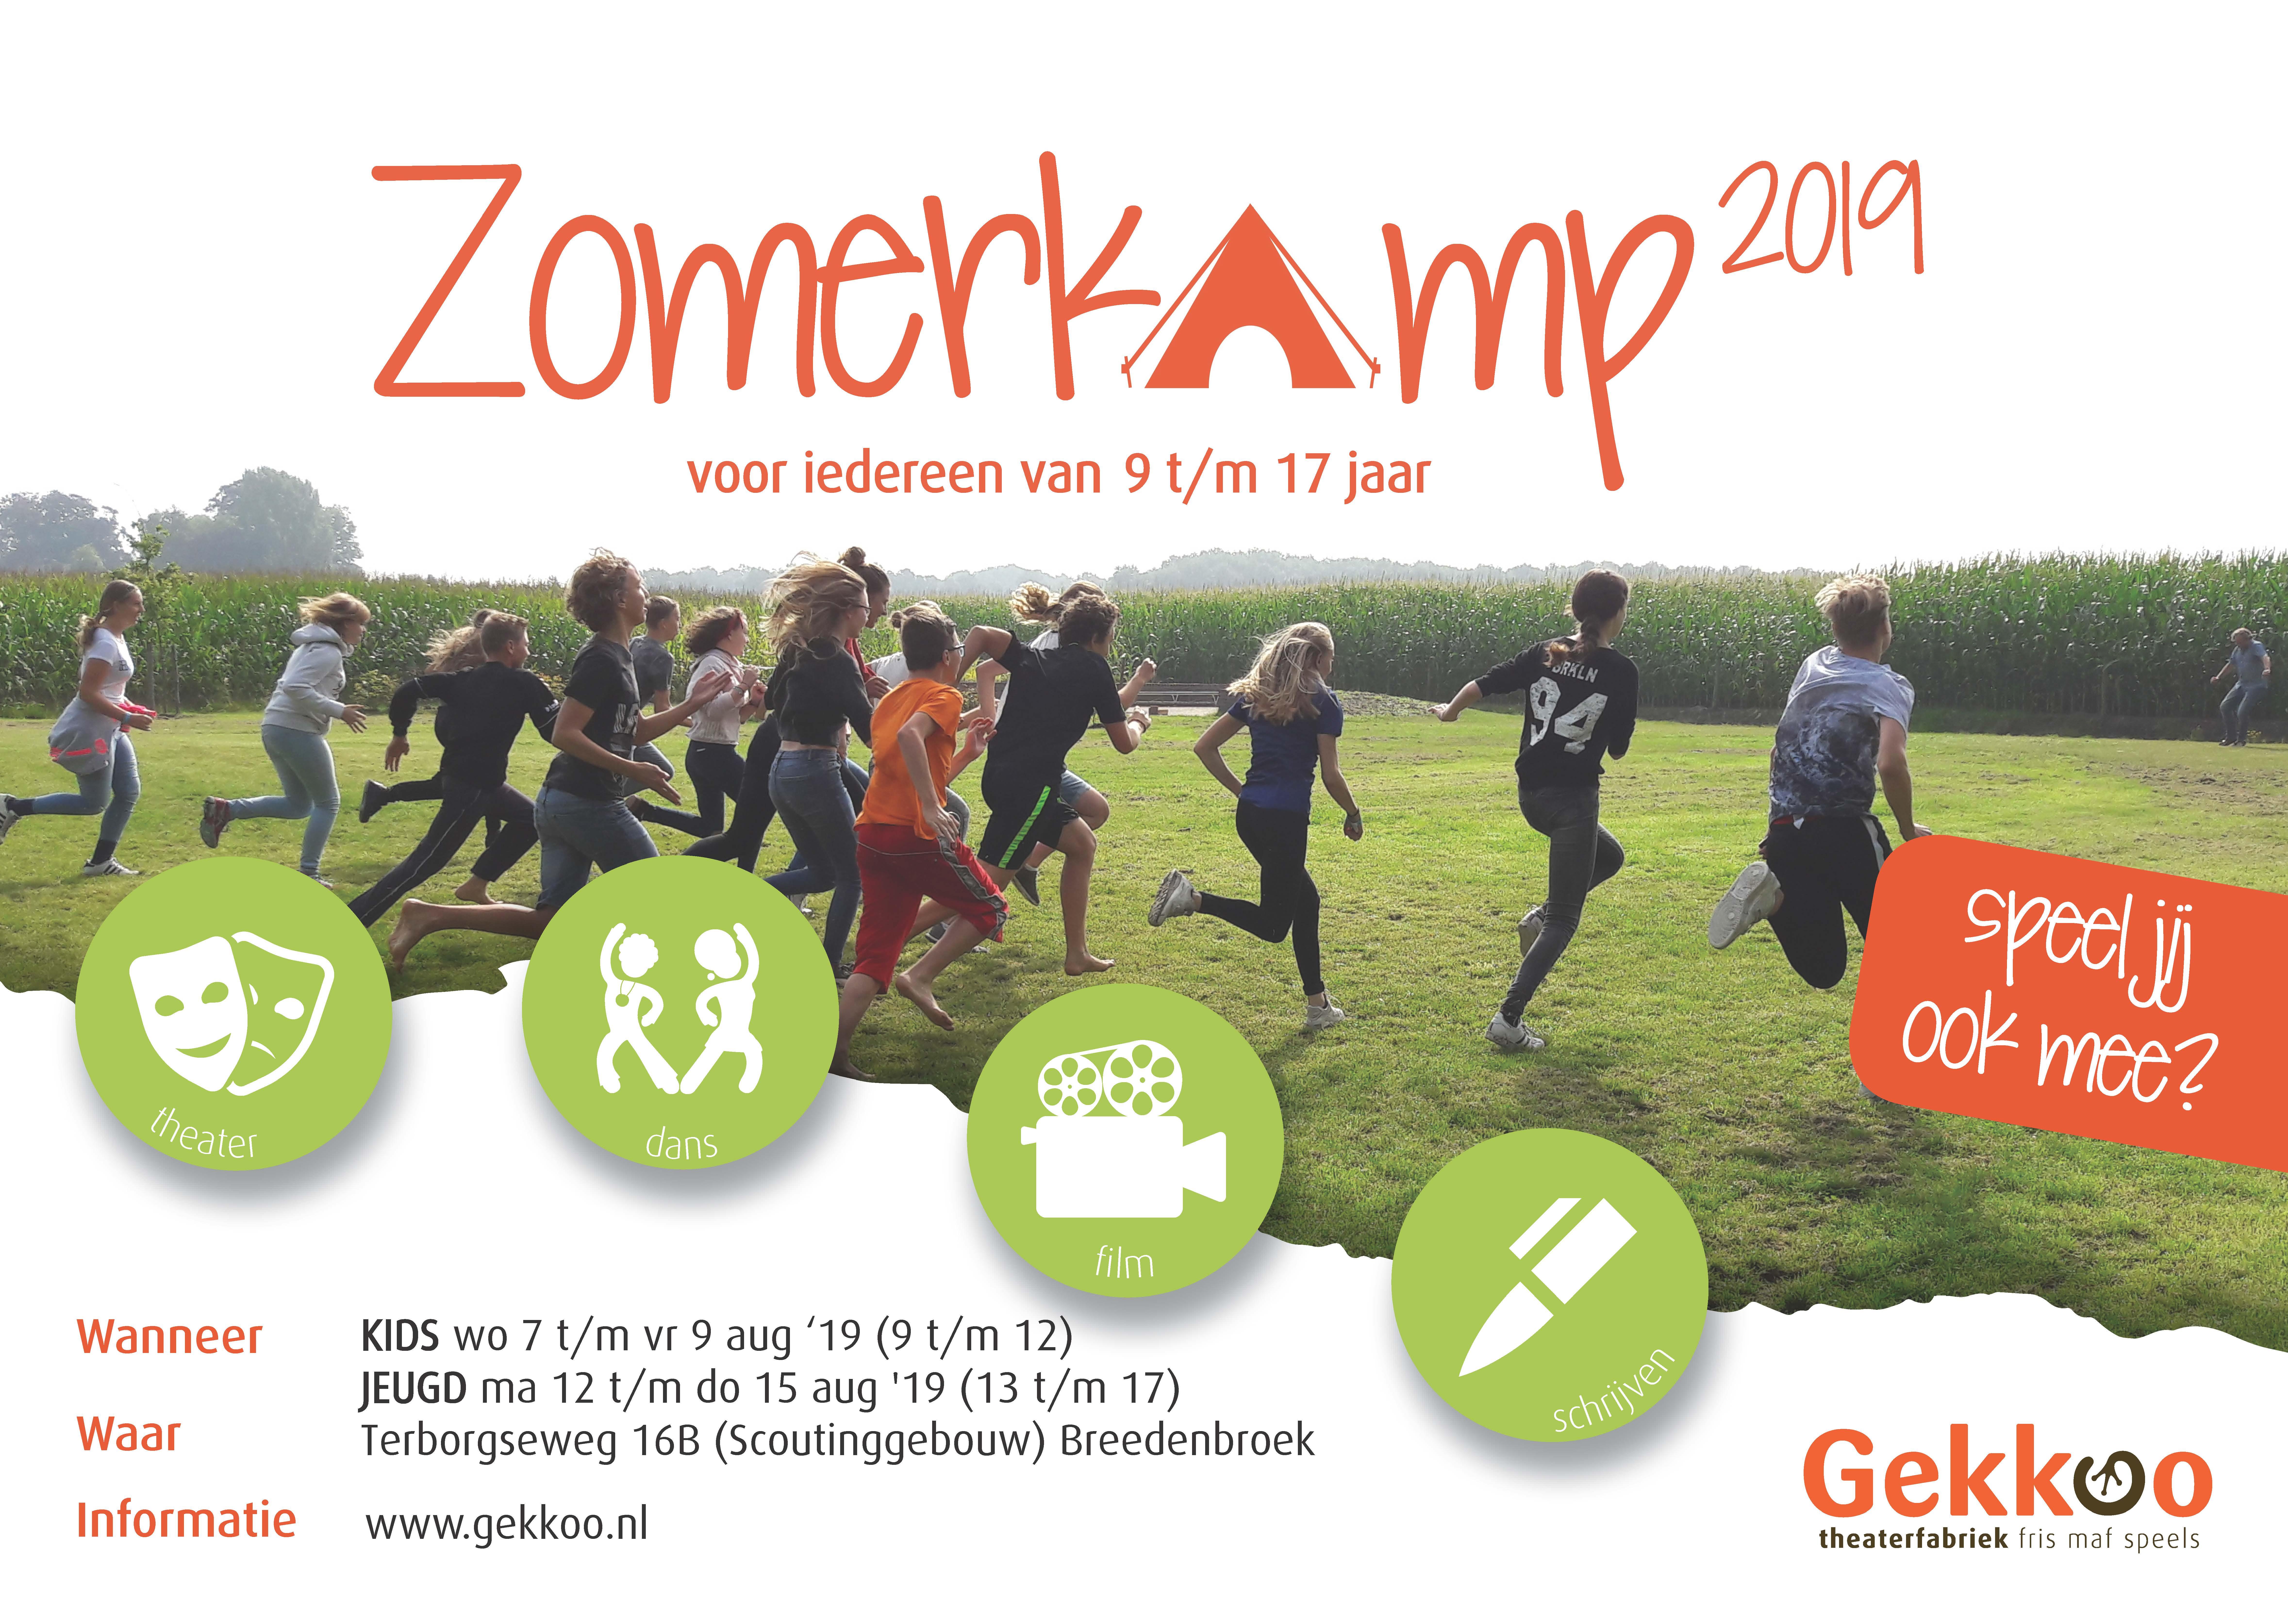 Zomerkamp (12-17 jaar) @ Clubgebouw Scouting Saksenheerd | Breedenbroek | Gelderland | Nederland